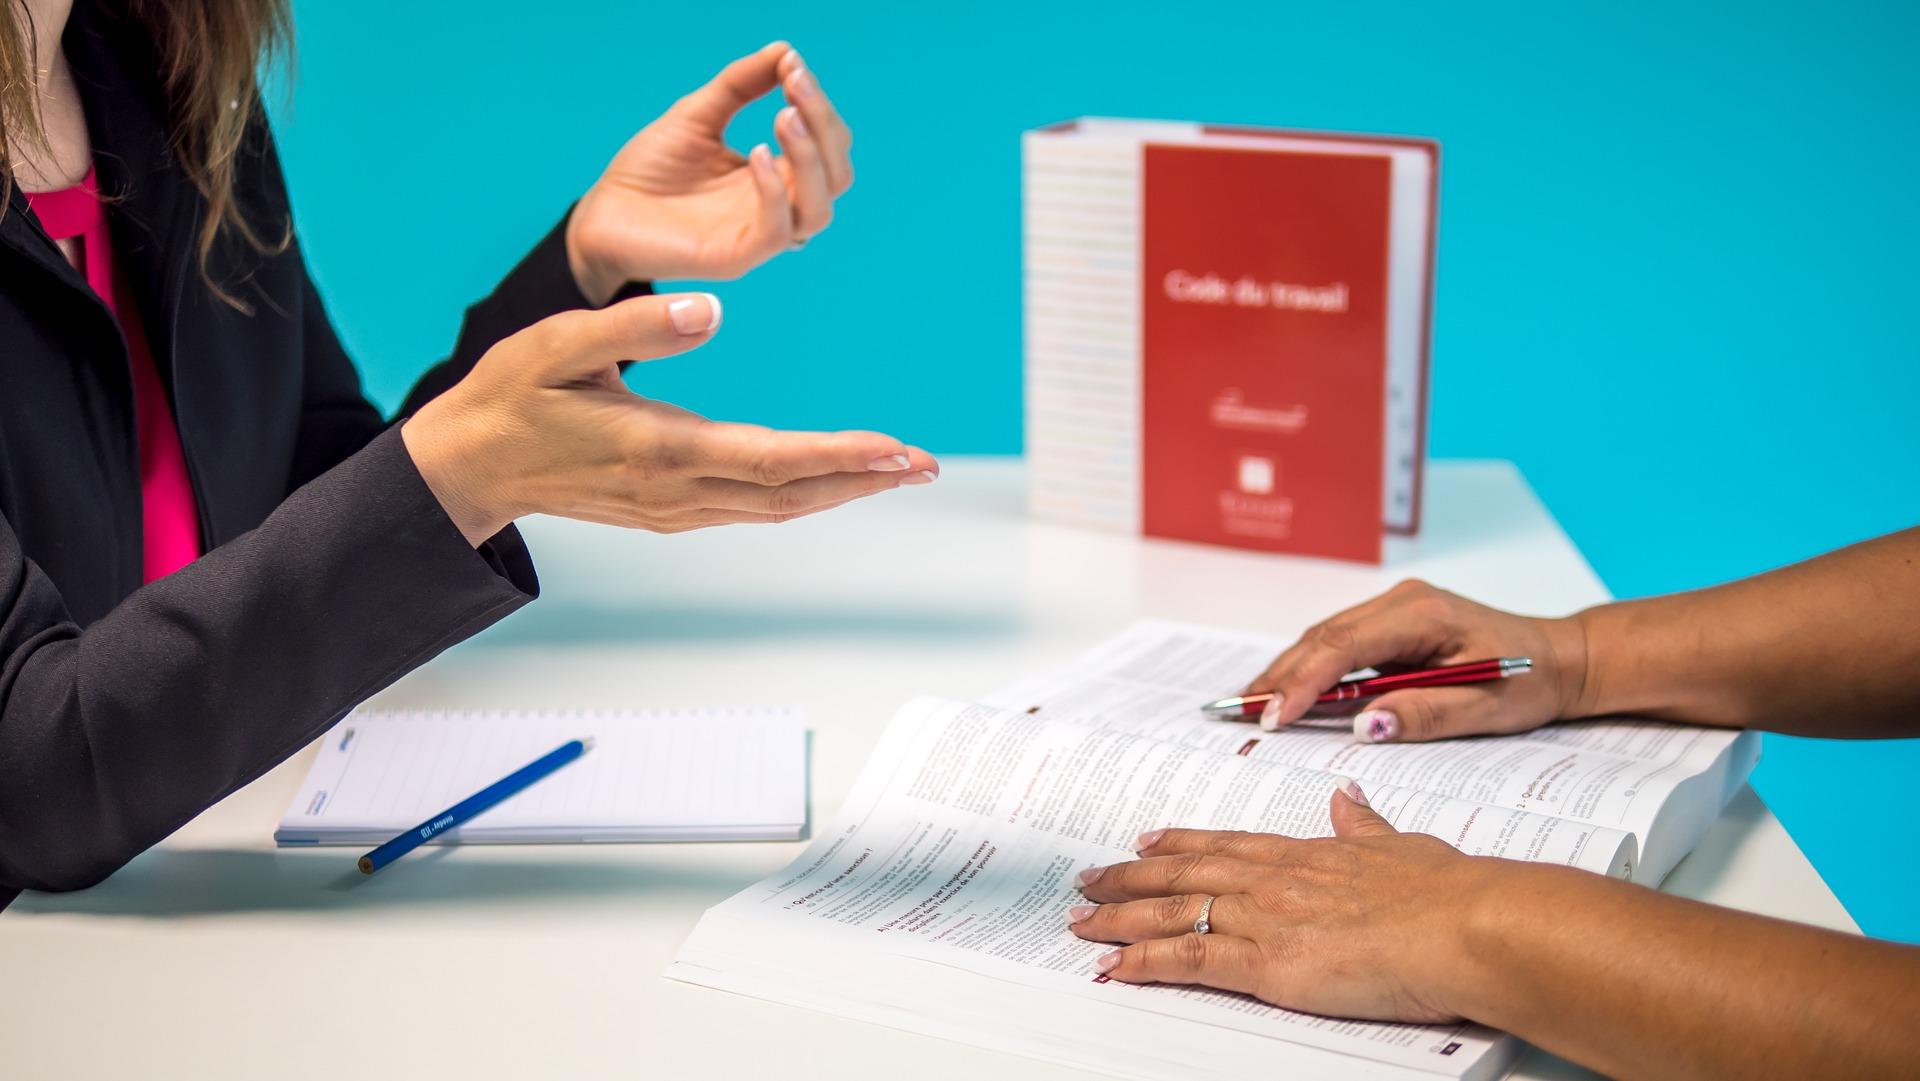 Personnes en réunion parlant de la gestion des risques au sein de l'entreprise